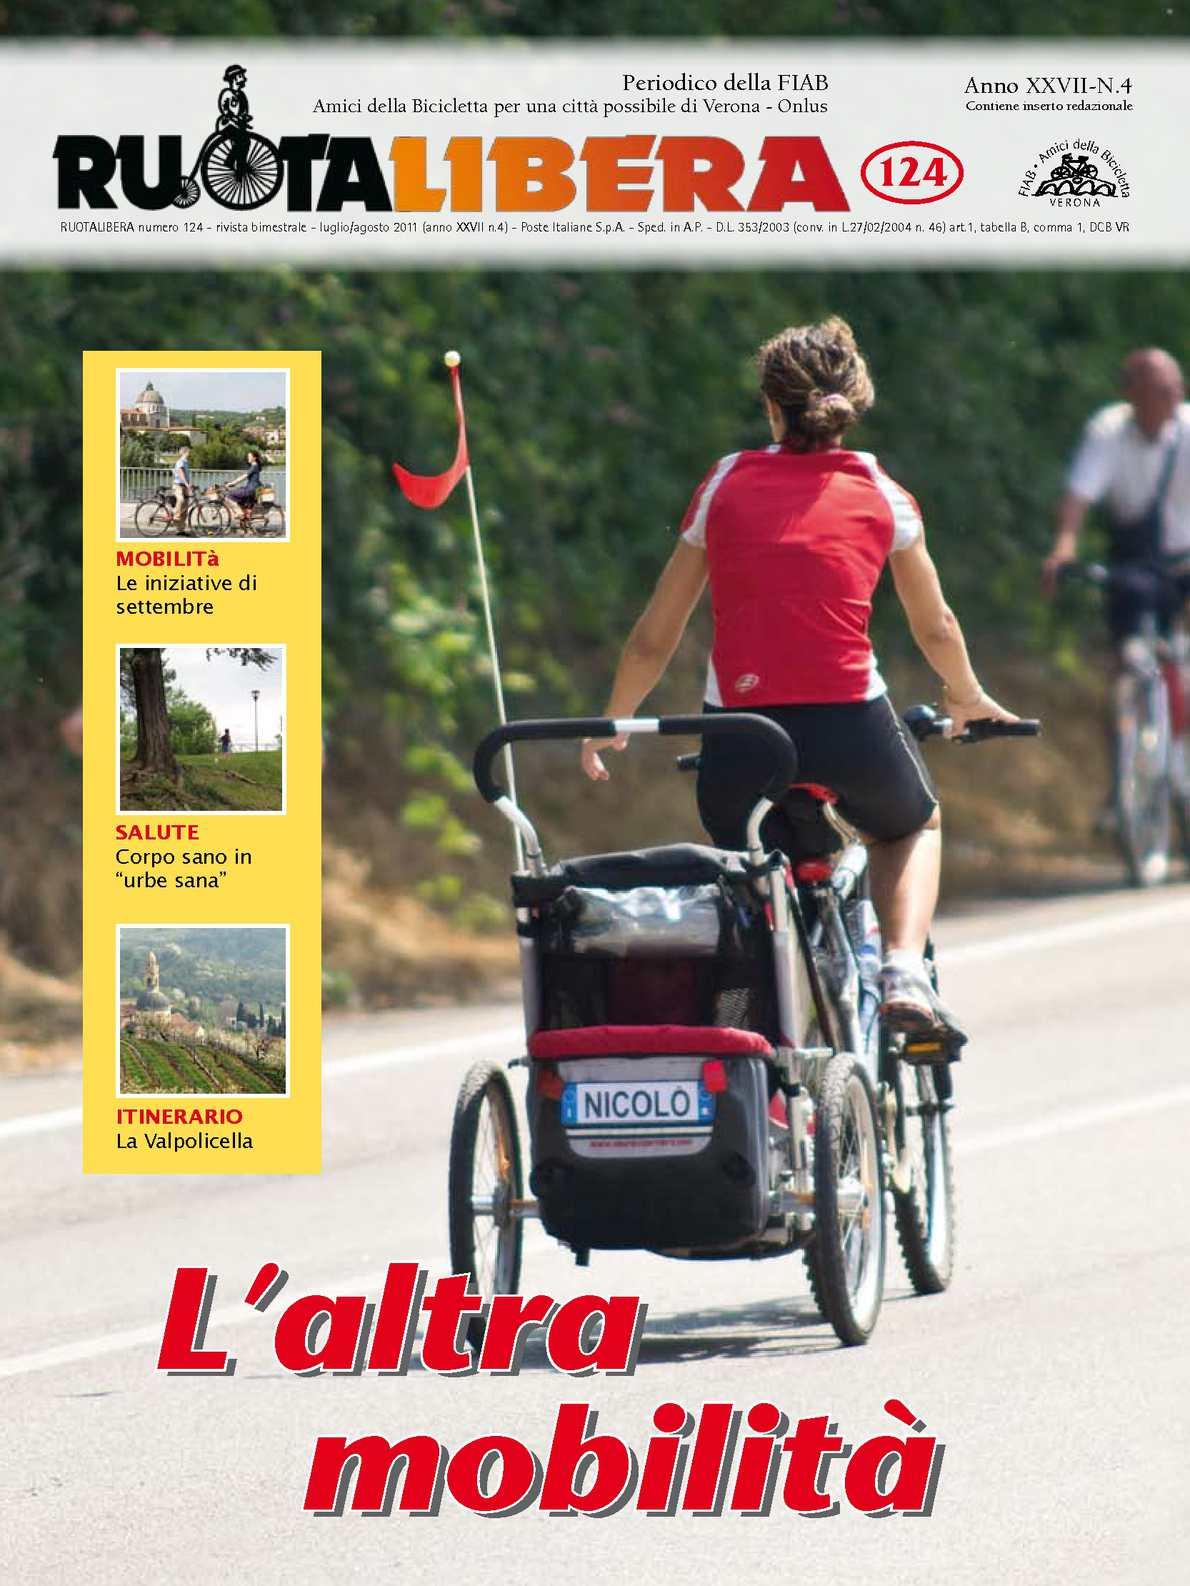 Ruotalibera 124 (luglio/agosto 2011) - FIAB AdB Verona